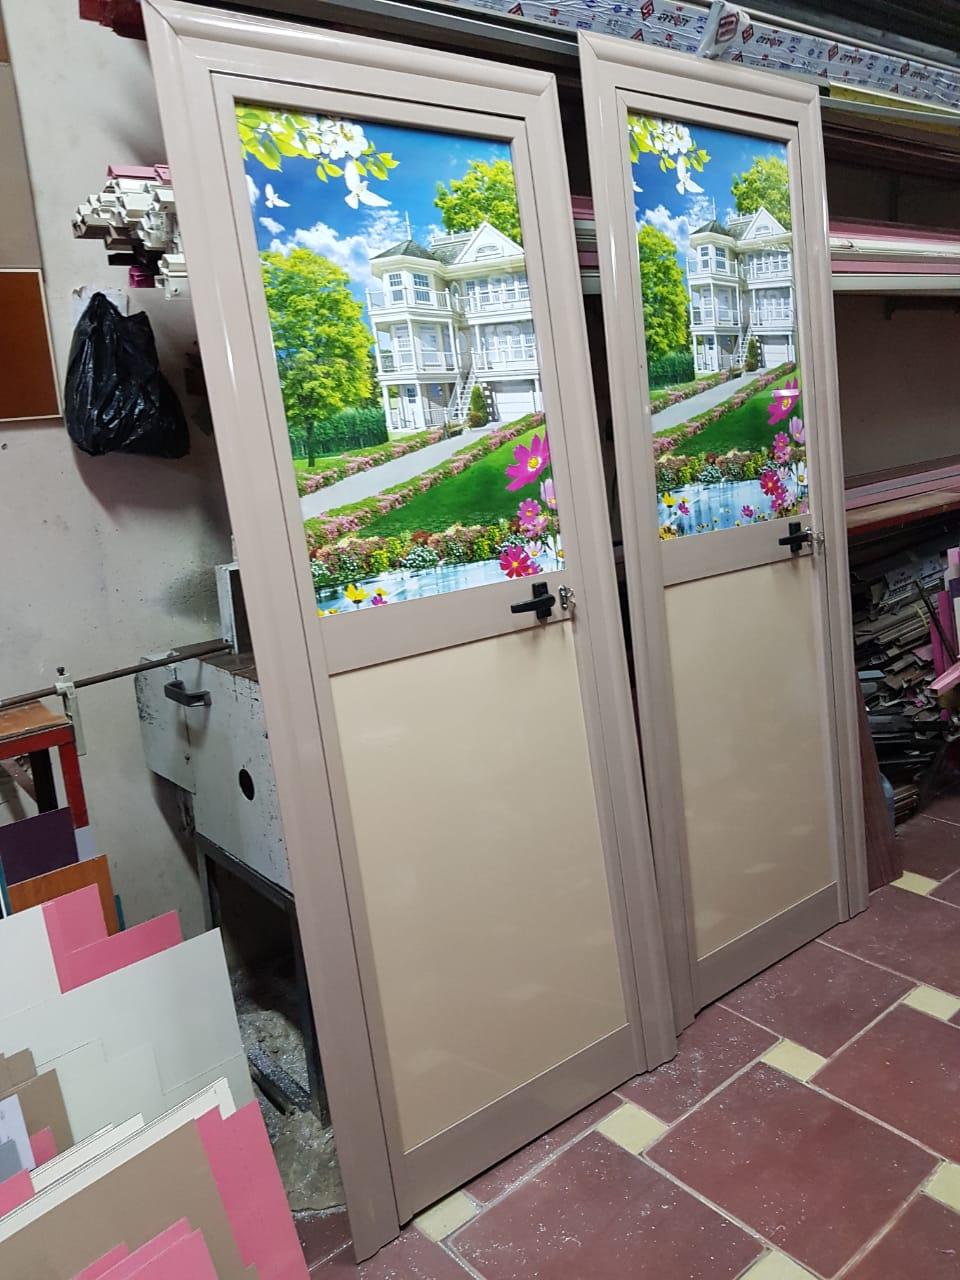 صورة باب حمام ألوميتال قطاع بي إس صغير